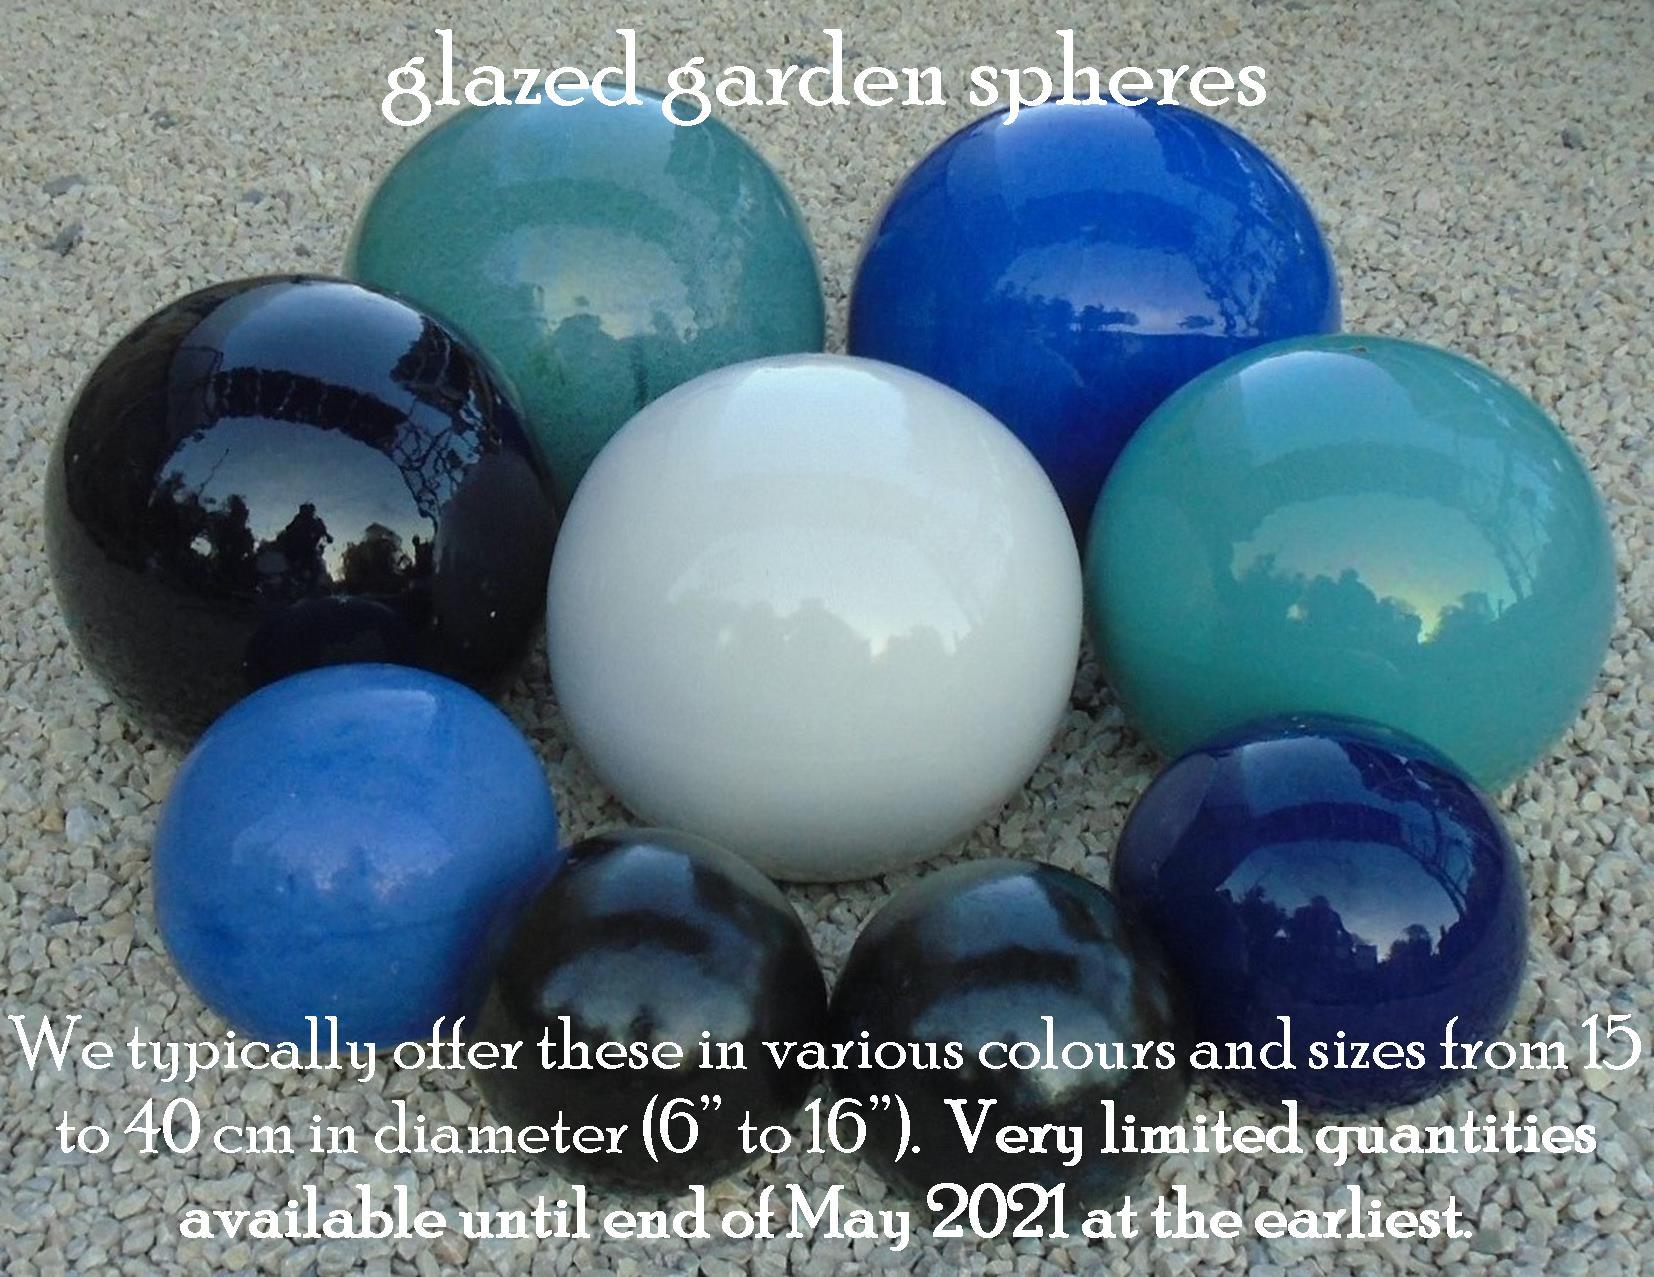 glazed garden spheres